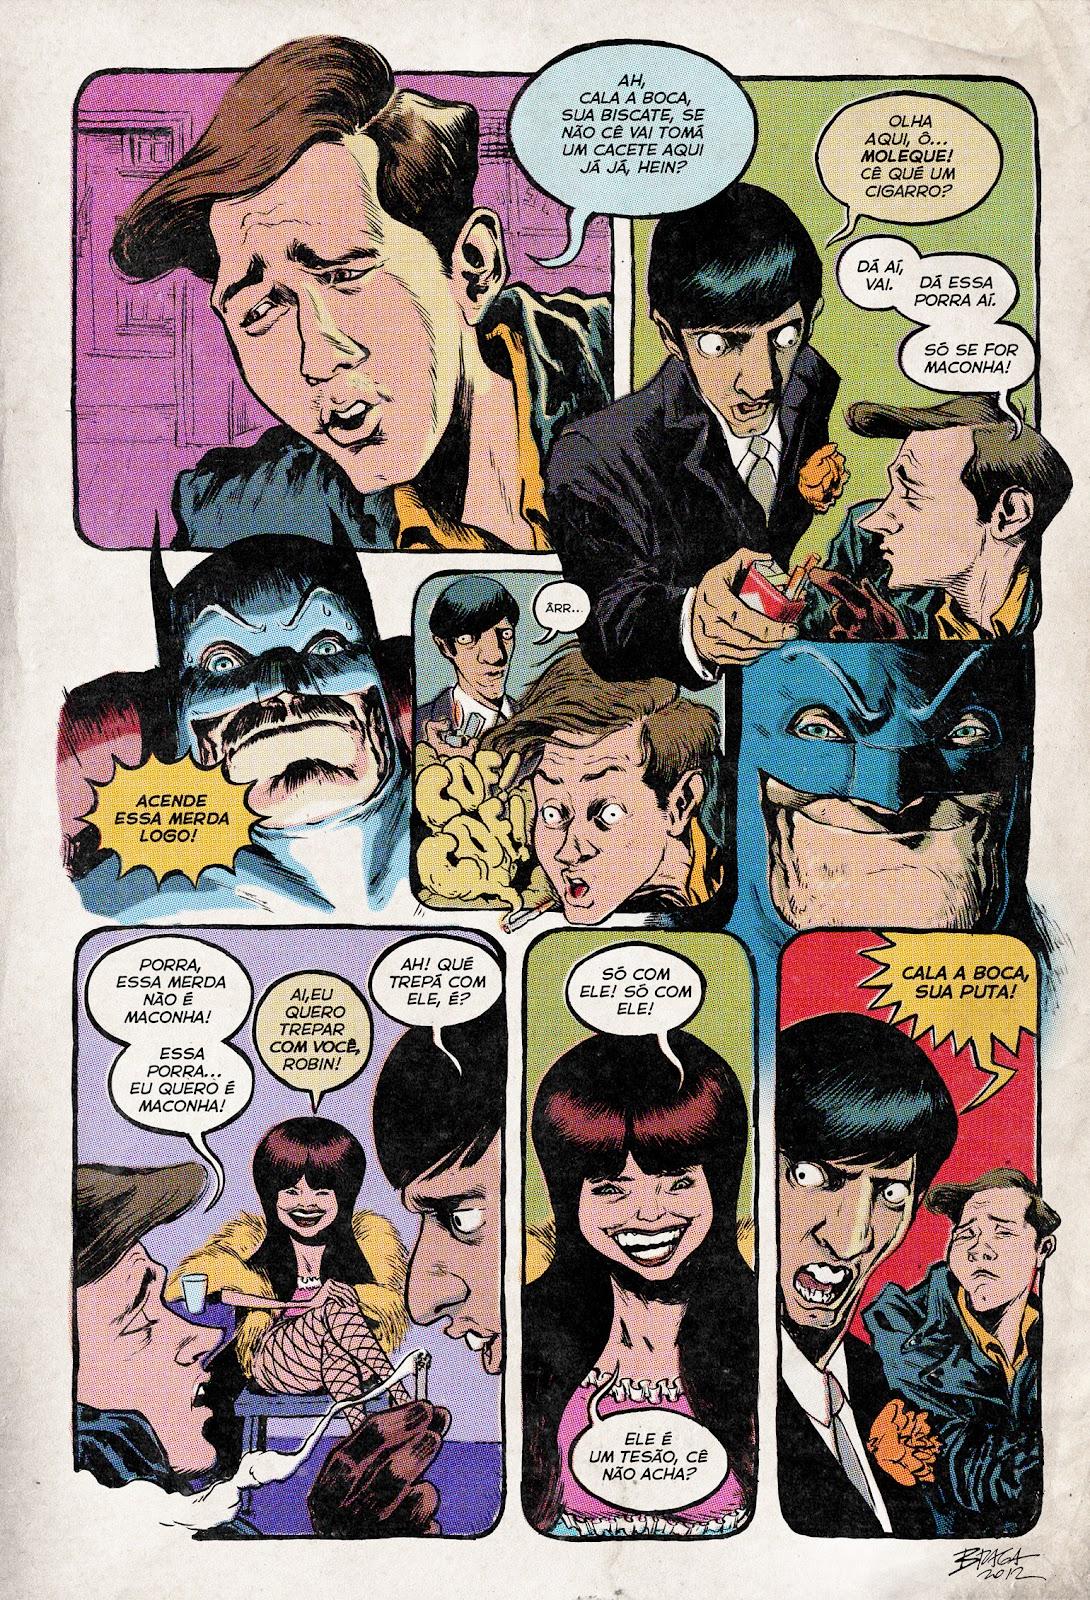 [Tópico Oficial] Batman na Feira da Fruta em Quadrinhos Feira+da+fruta+fruta+10